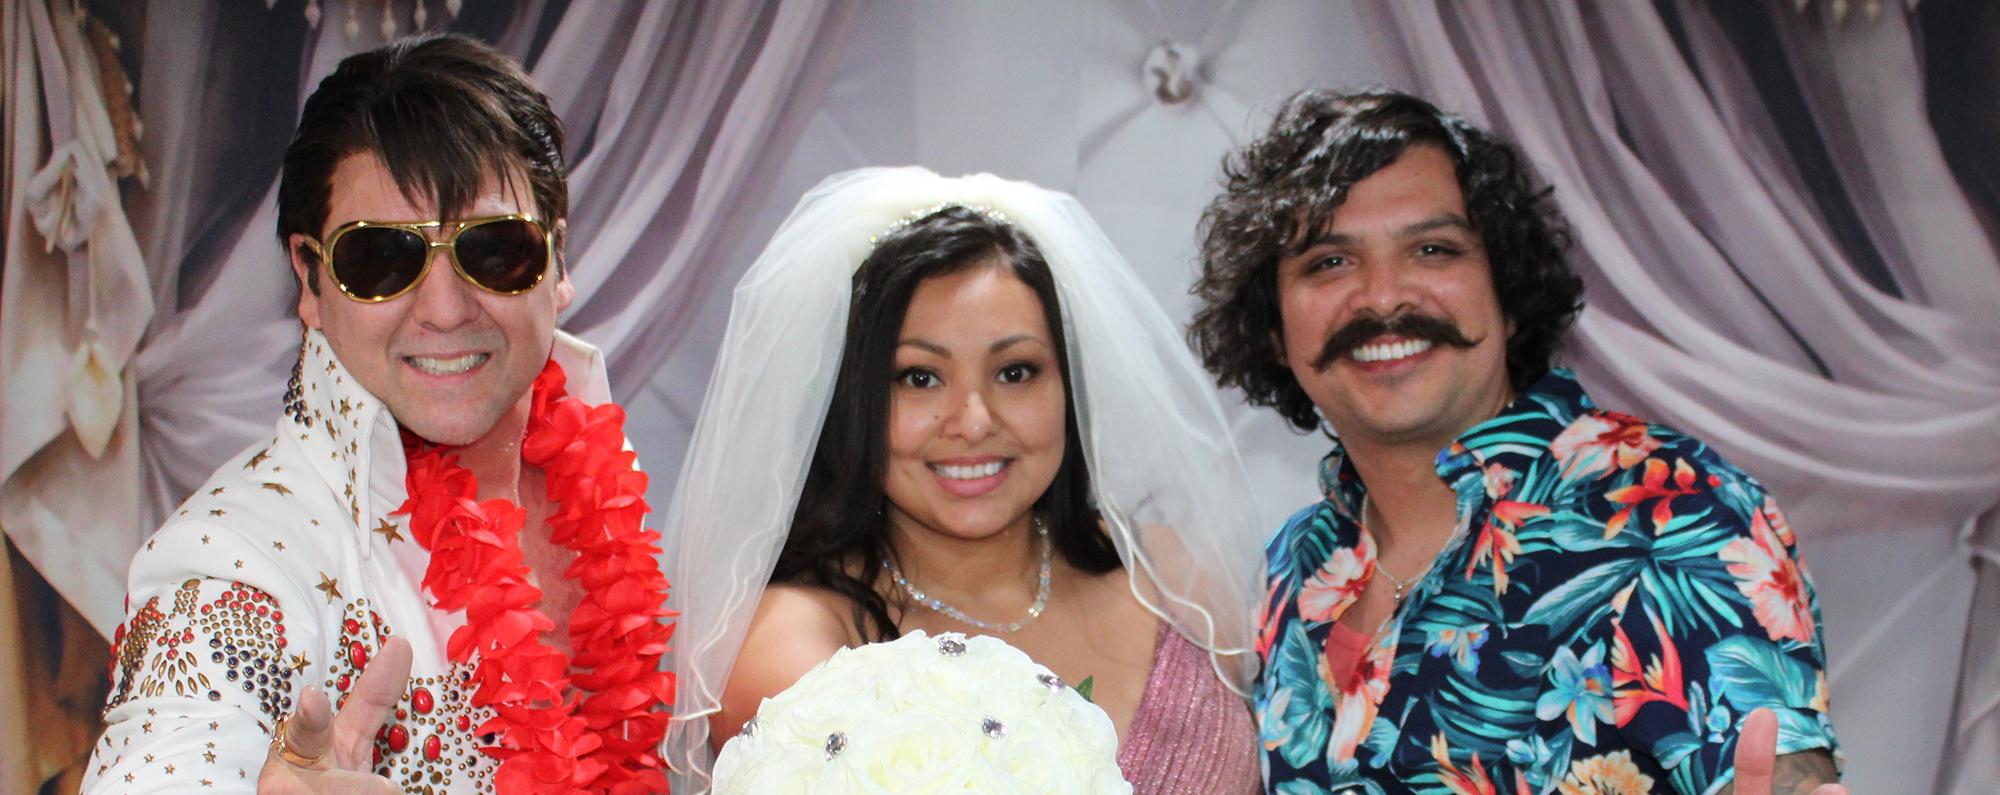 elvis weddings in las vegas